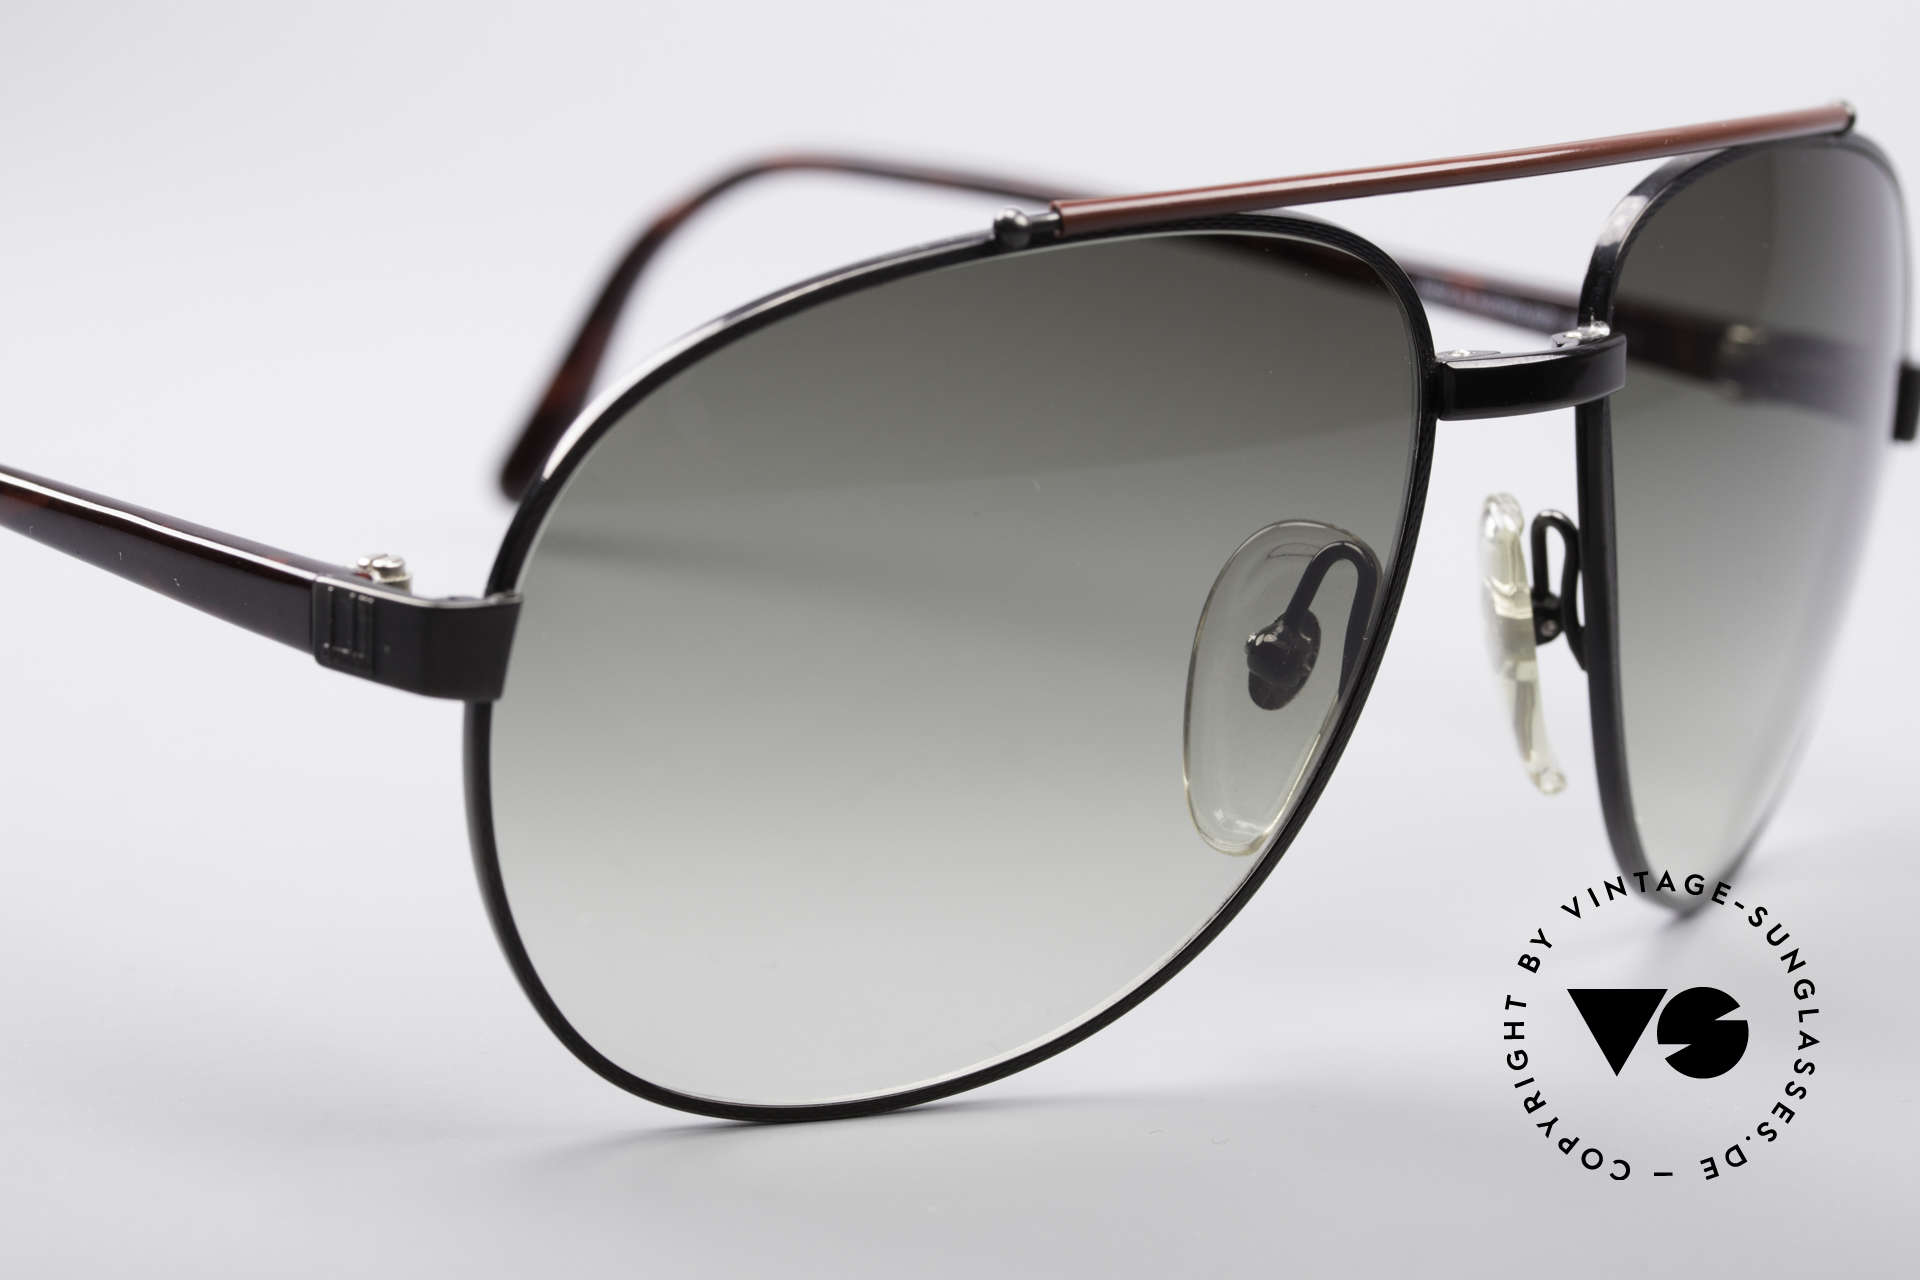 Dunhill 6070 90er Luxus Herren Sonnenbrille, ungetragen (wie alle unsere vintage Dunhills), Passend für Herren